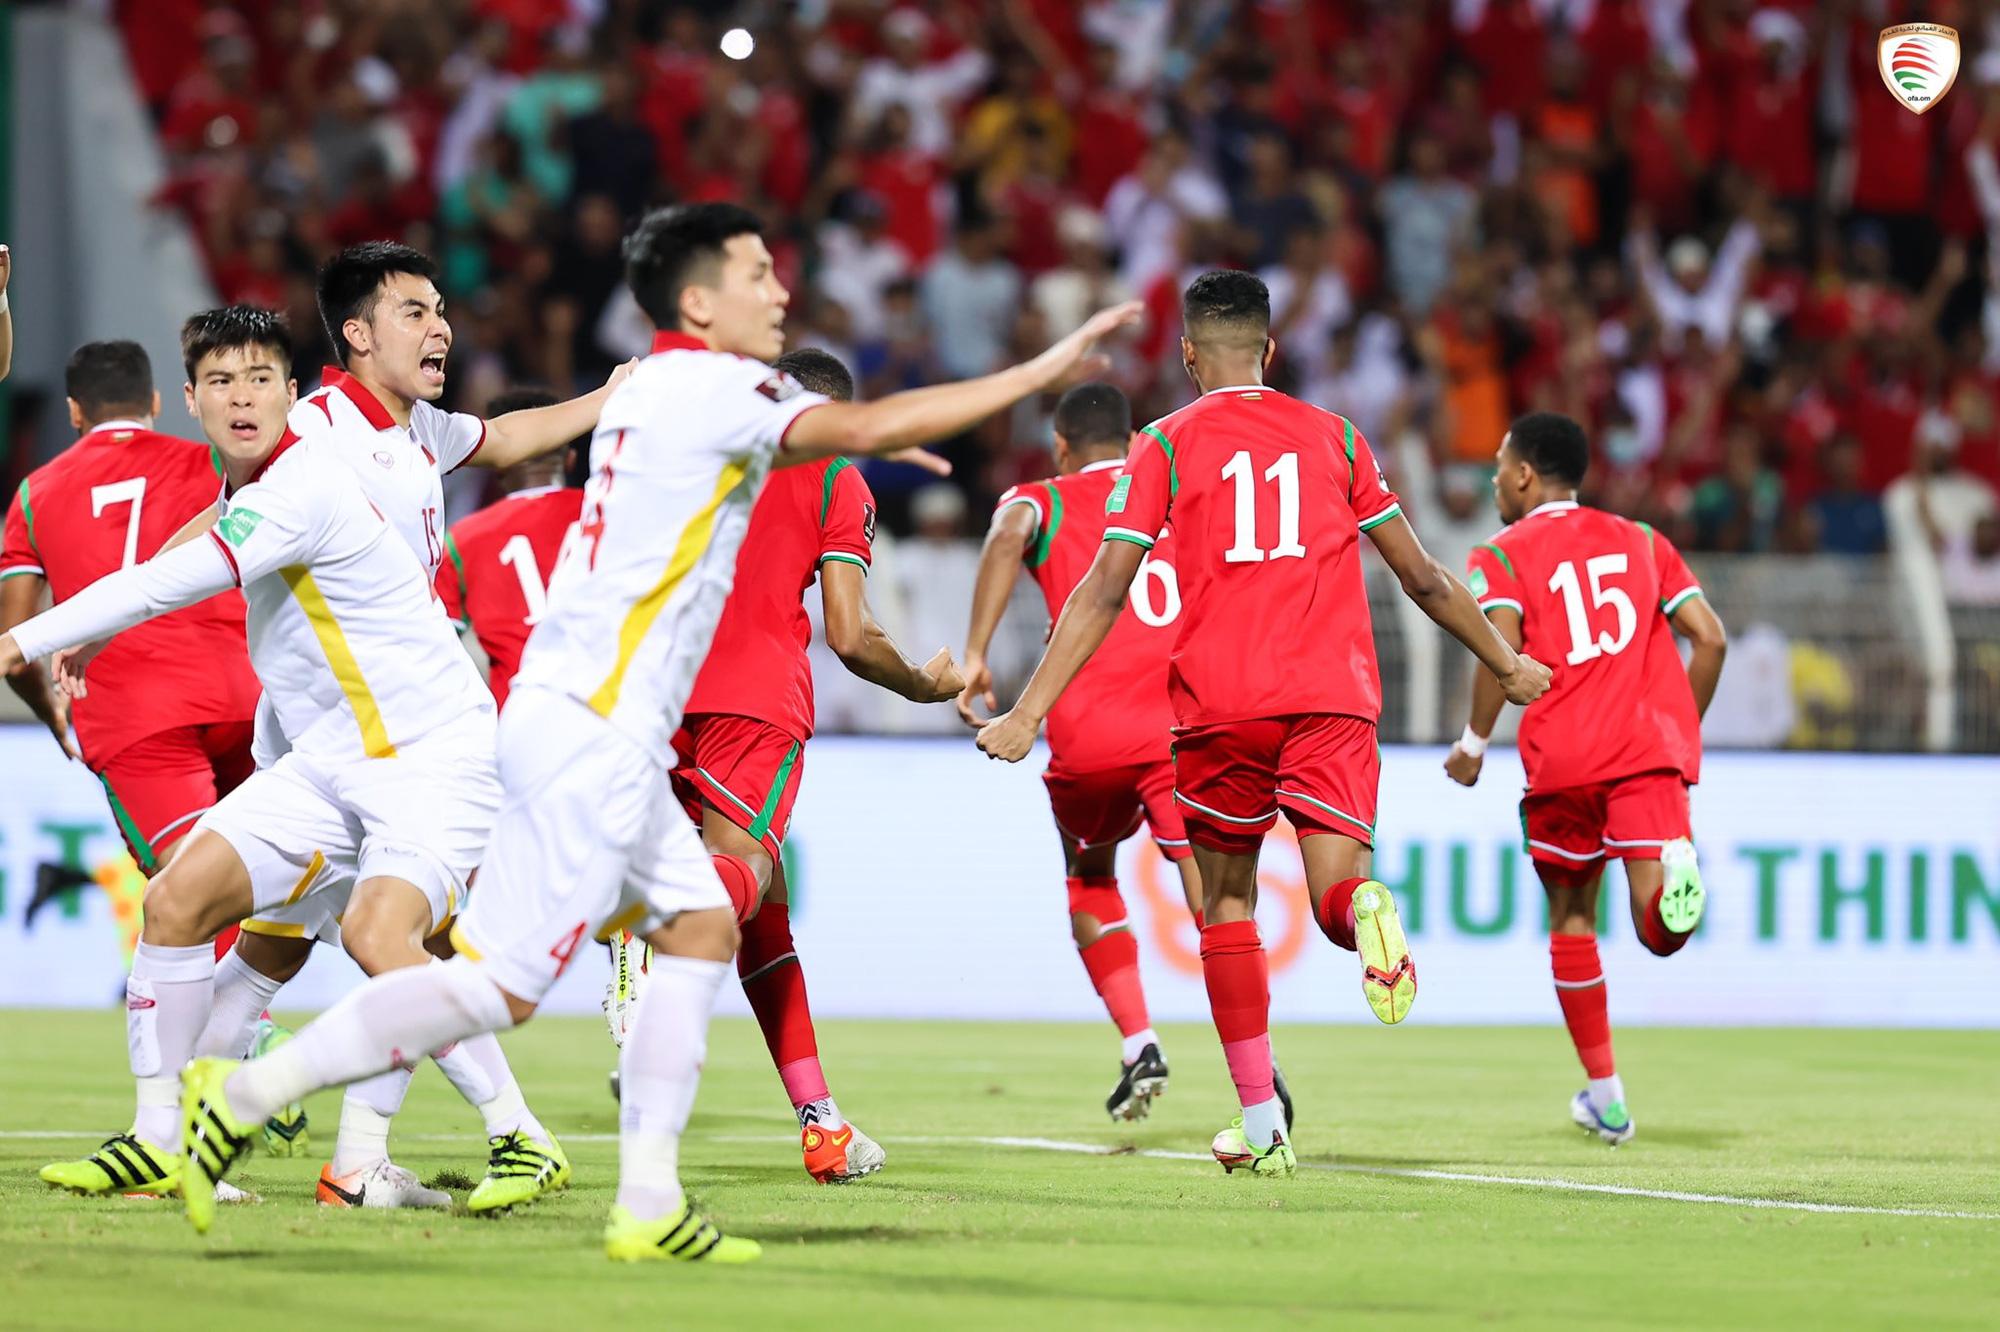 Vì sao tuyển Việt Nam chịu nhiều phạt đền nhất vòng loại World Cup 2022? - Ảnh 3.